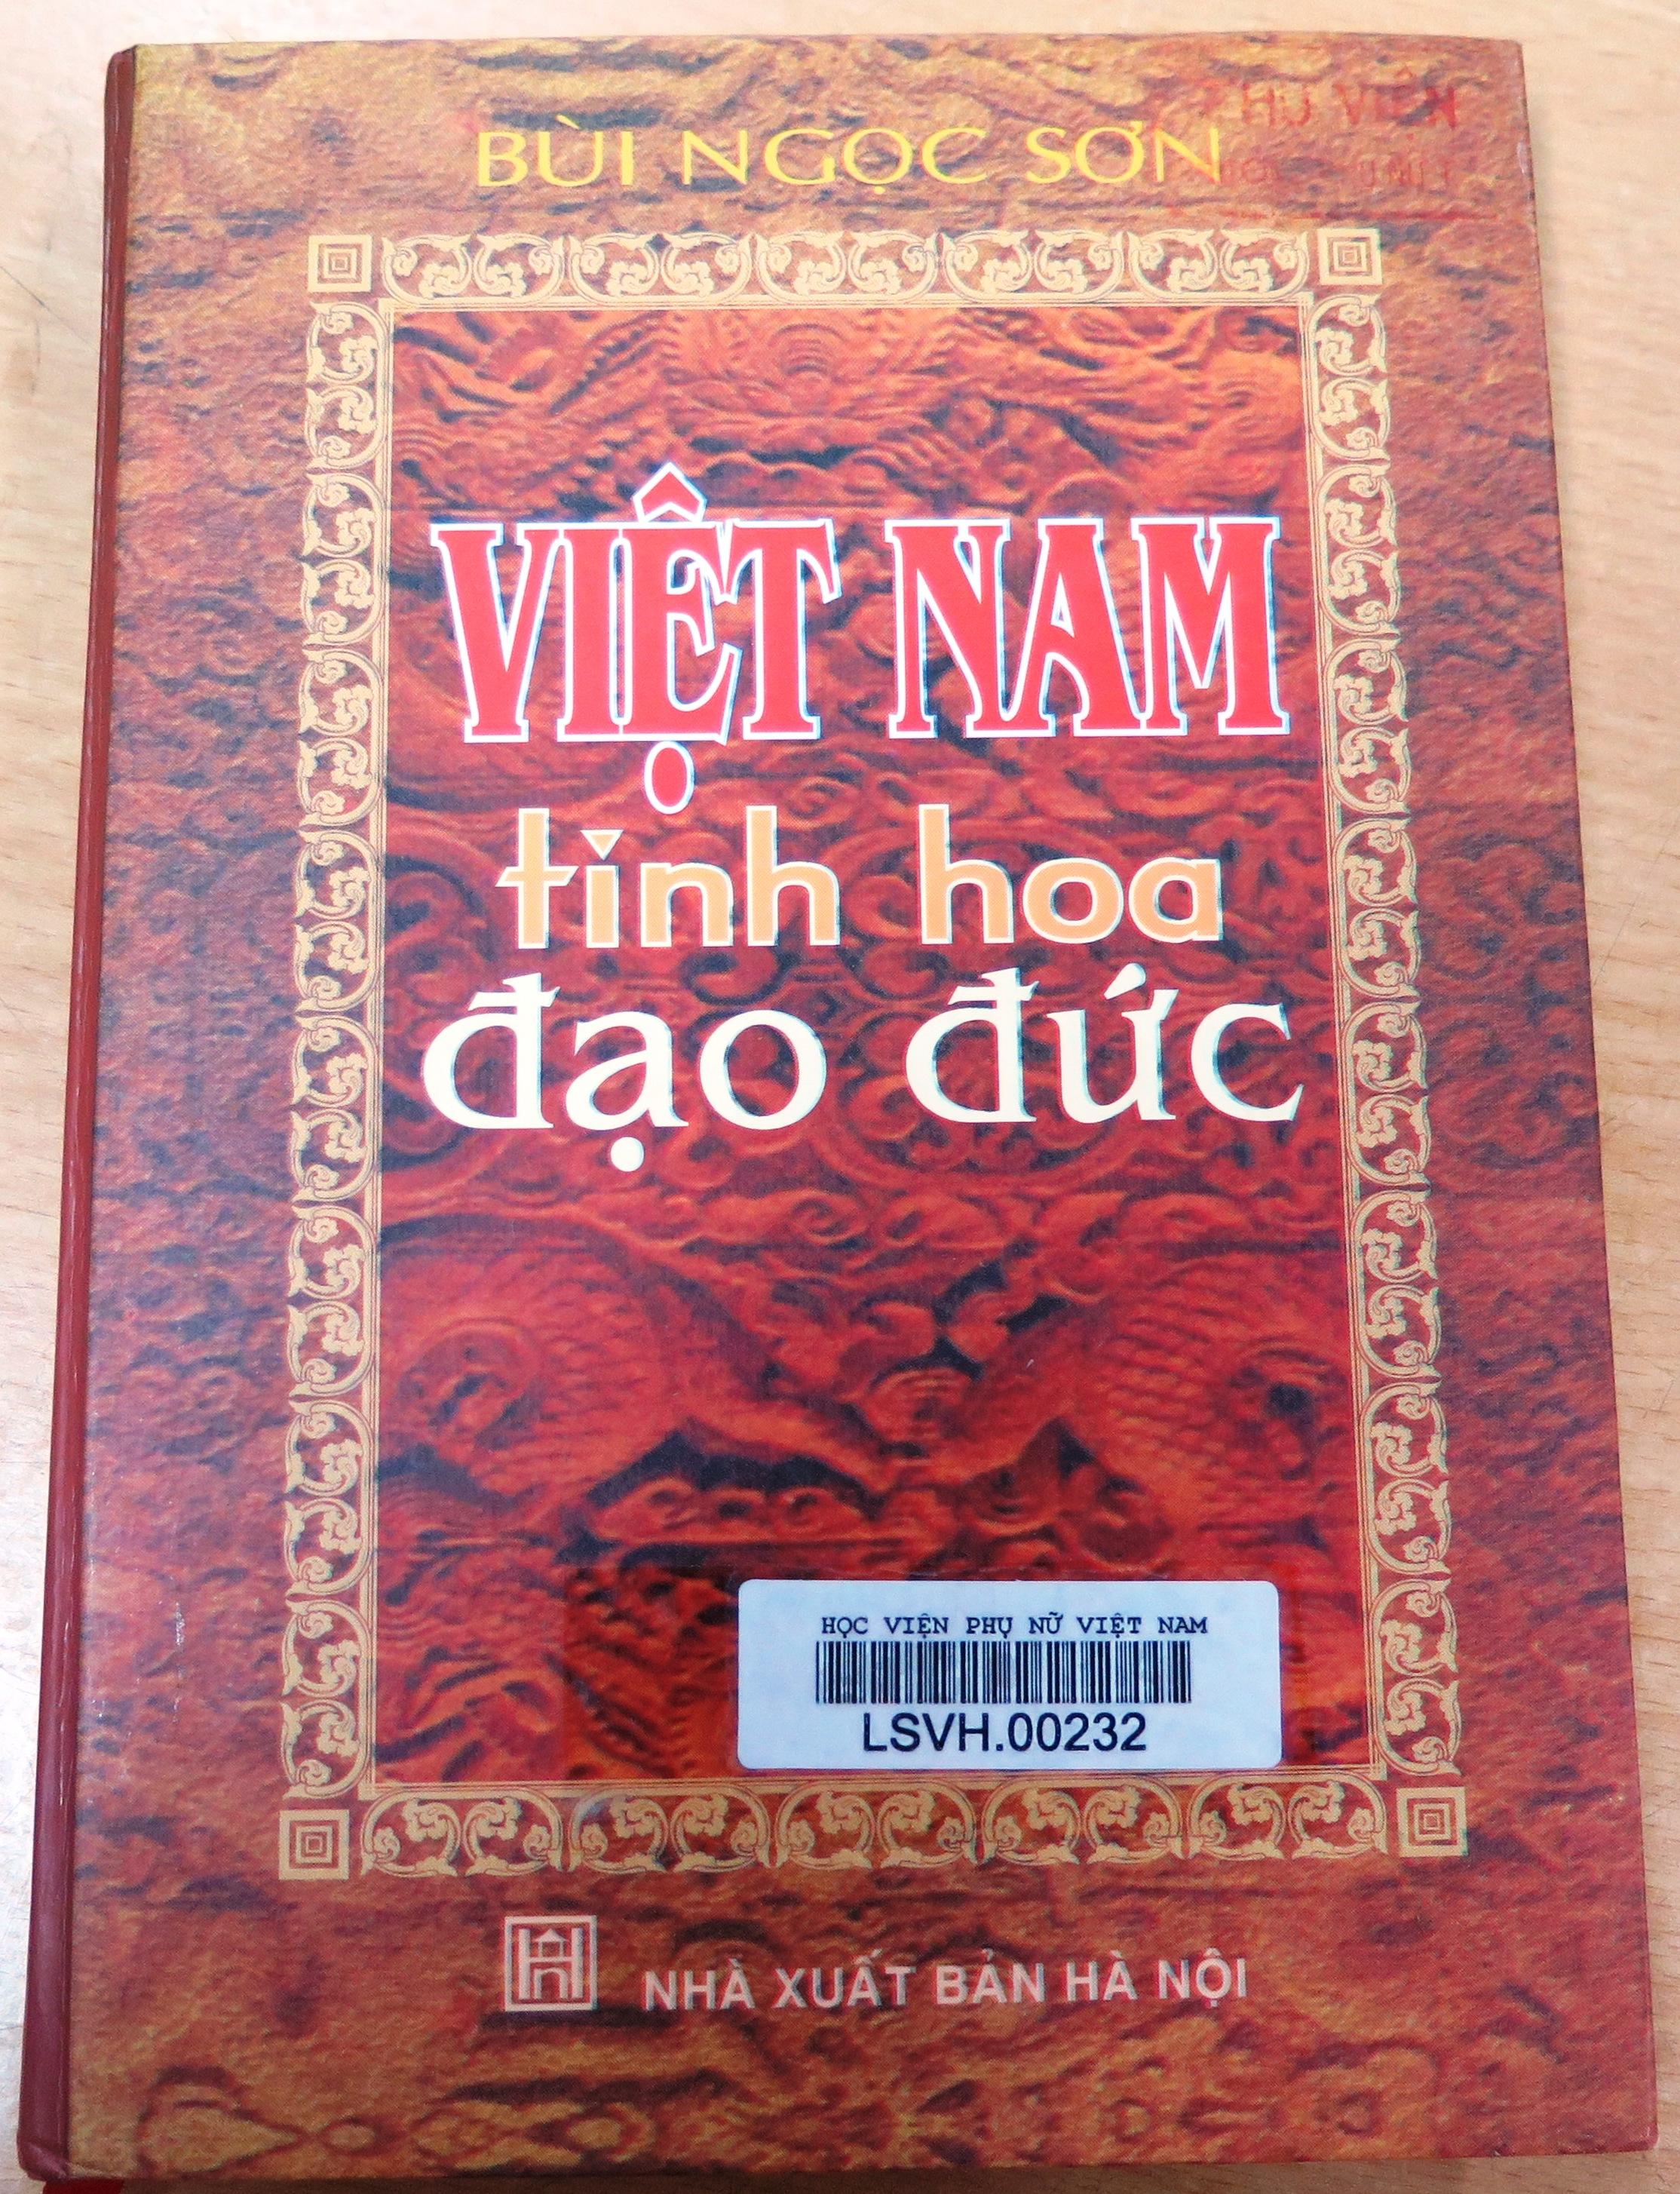 Giới thiệu sách: Việt Nam tinh hoa đạo đức